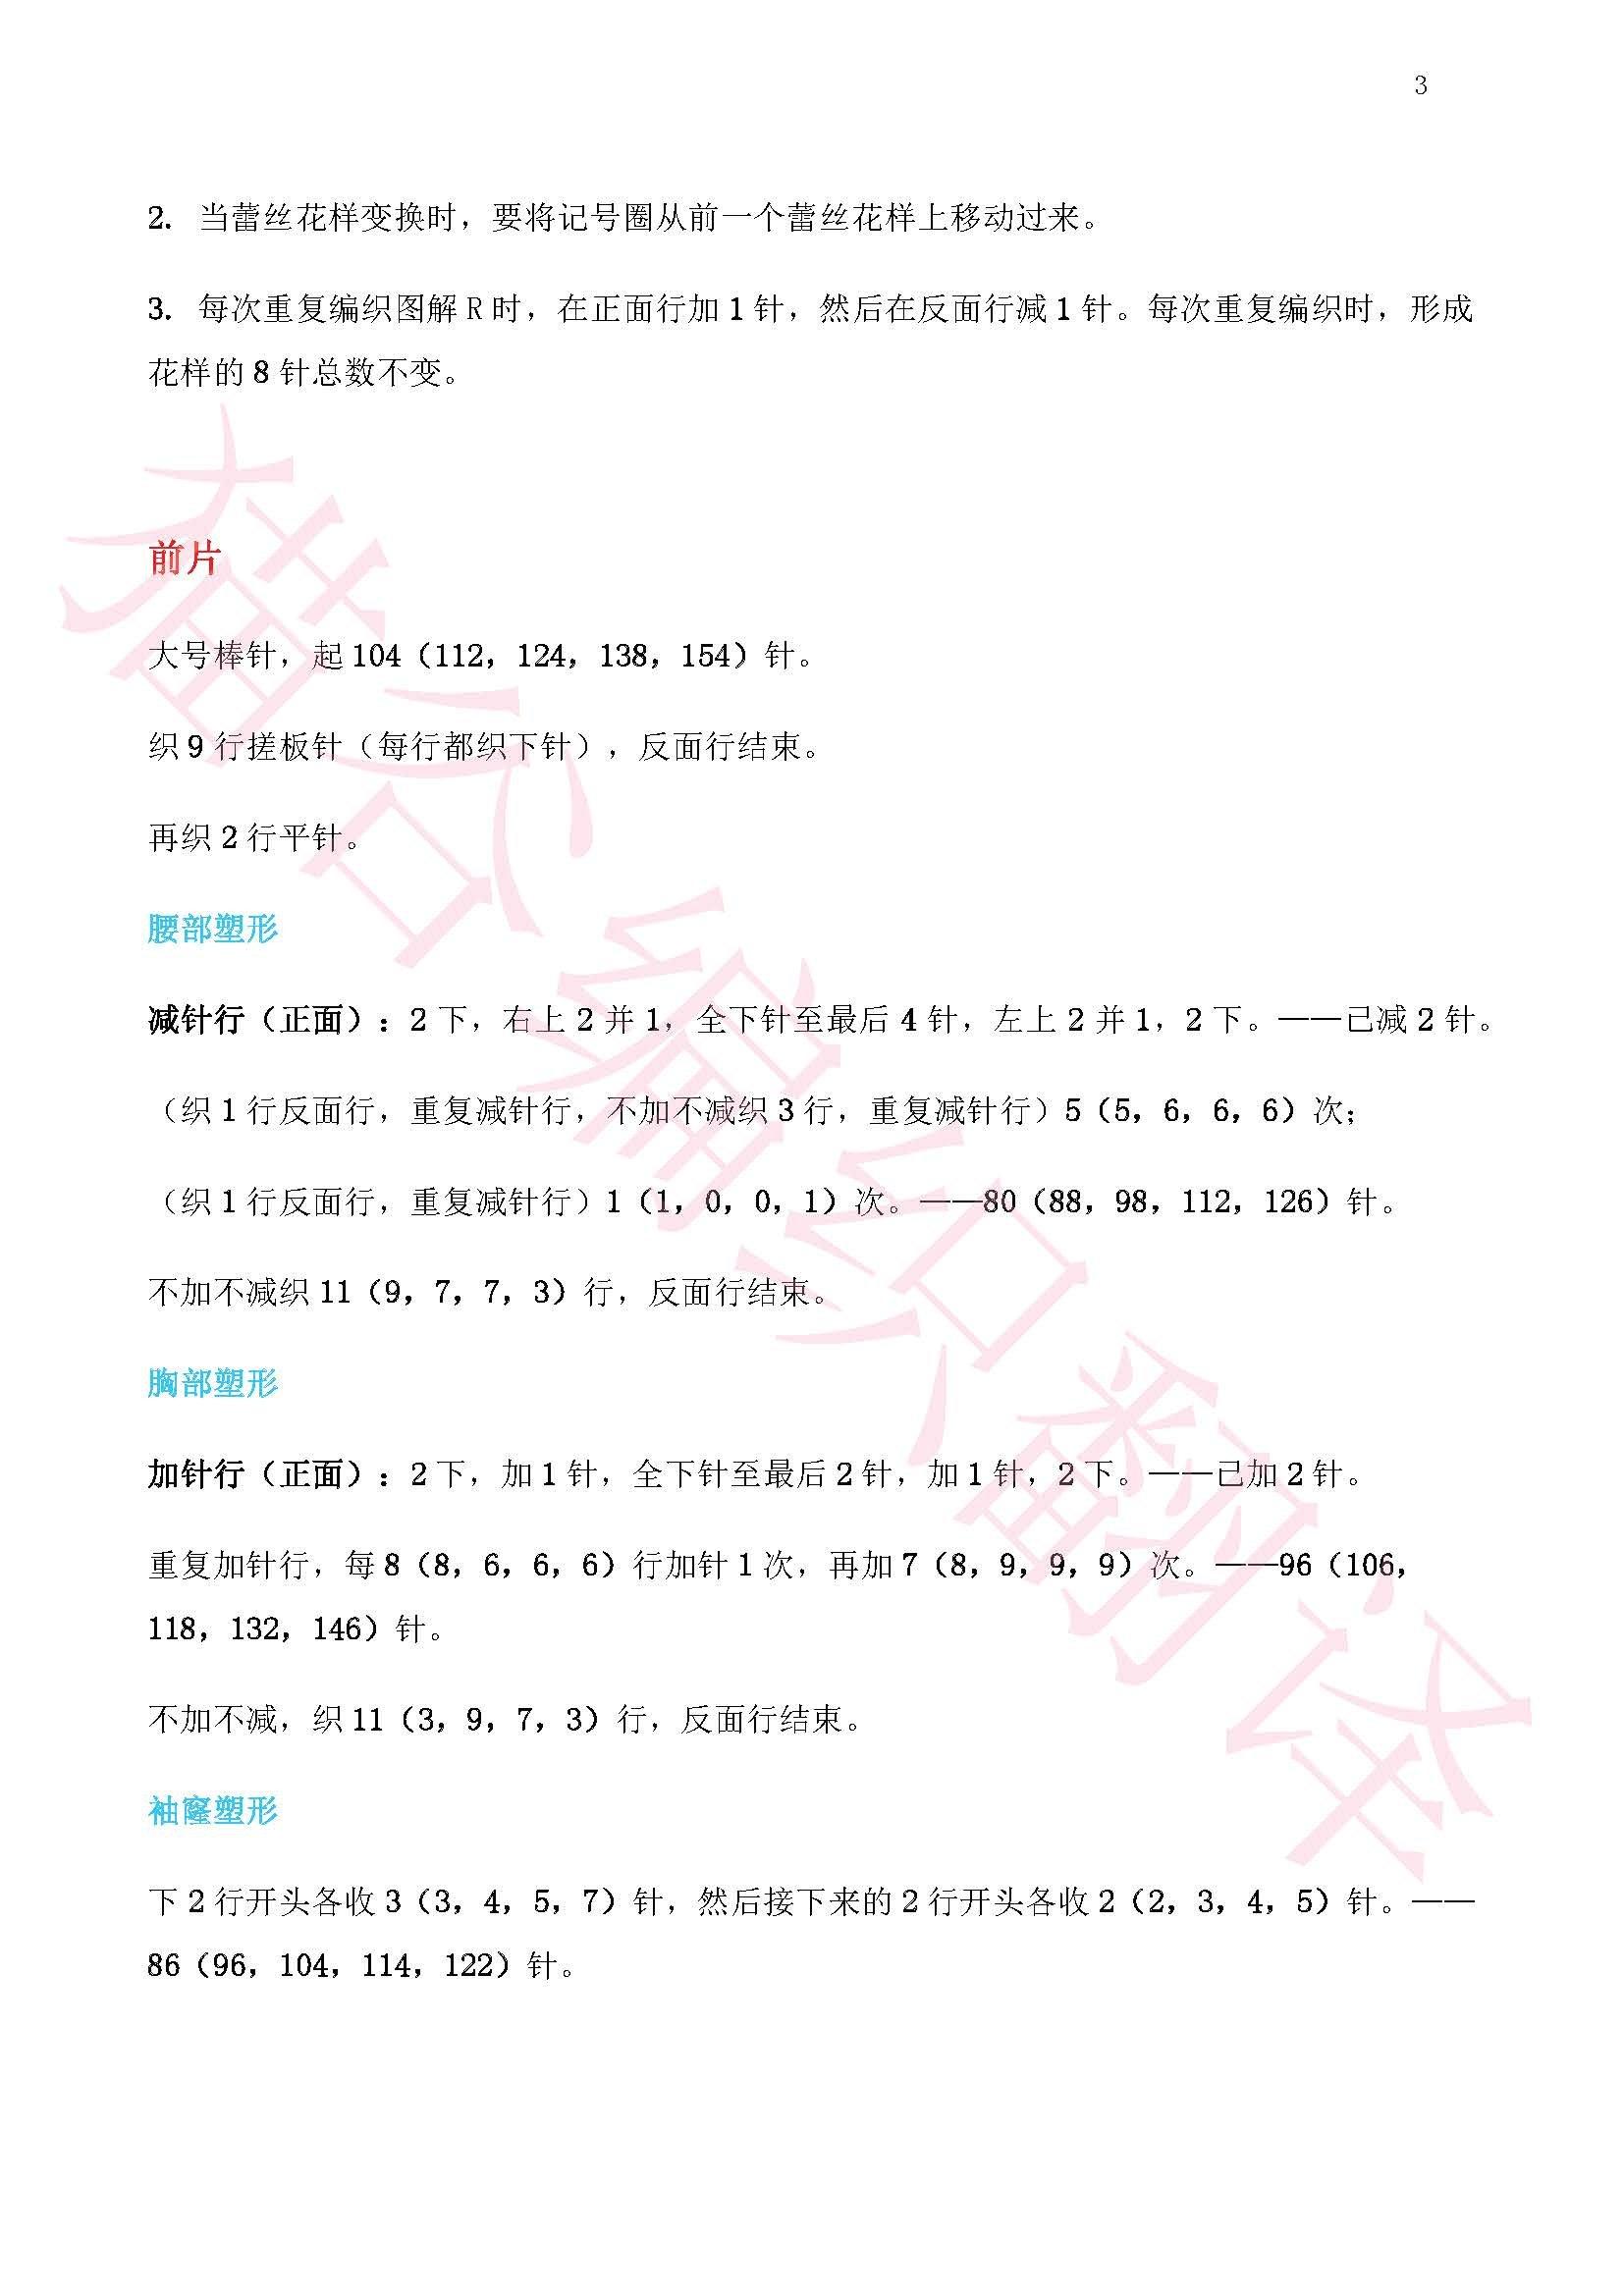 人鱼泪_页面_03.jpg